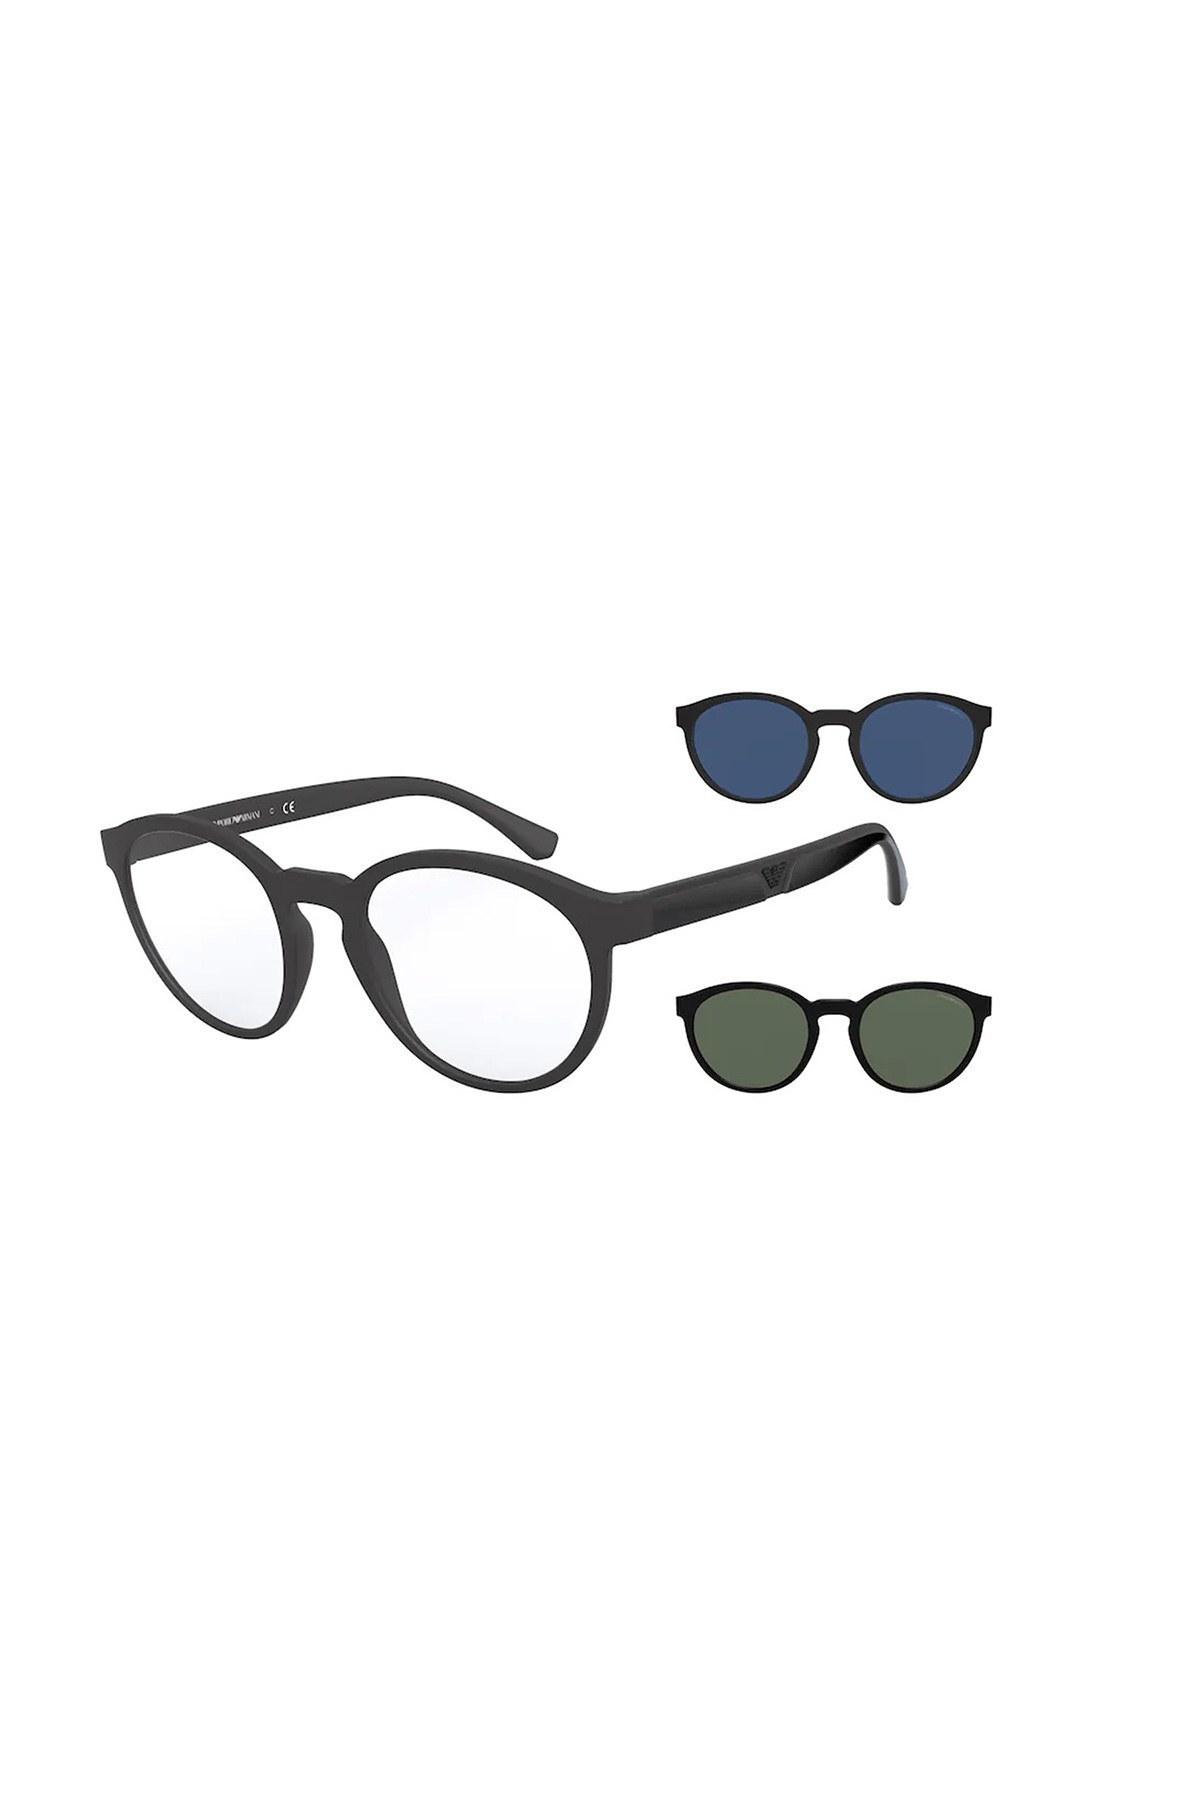 Emporio Armani Erkek Gözlük 0EA4152 58011W 52 SİYAH